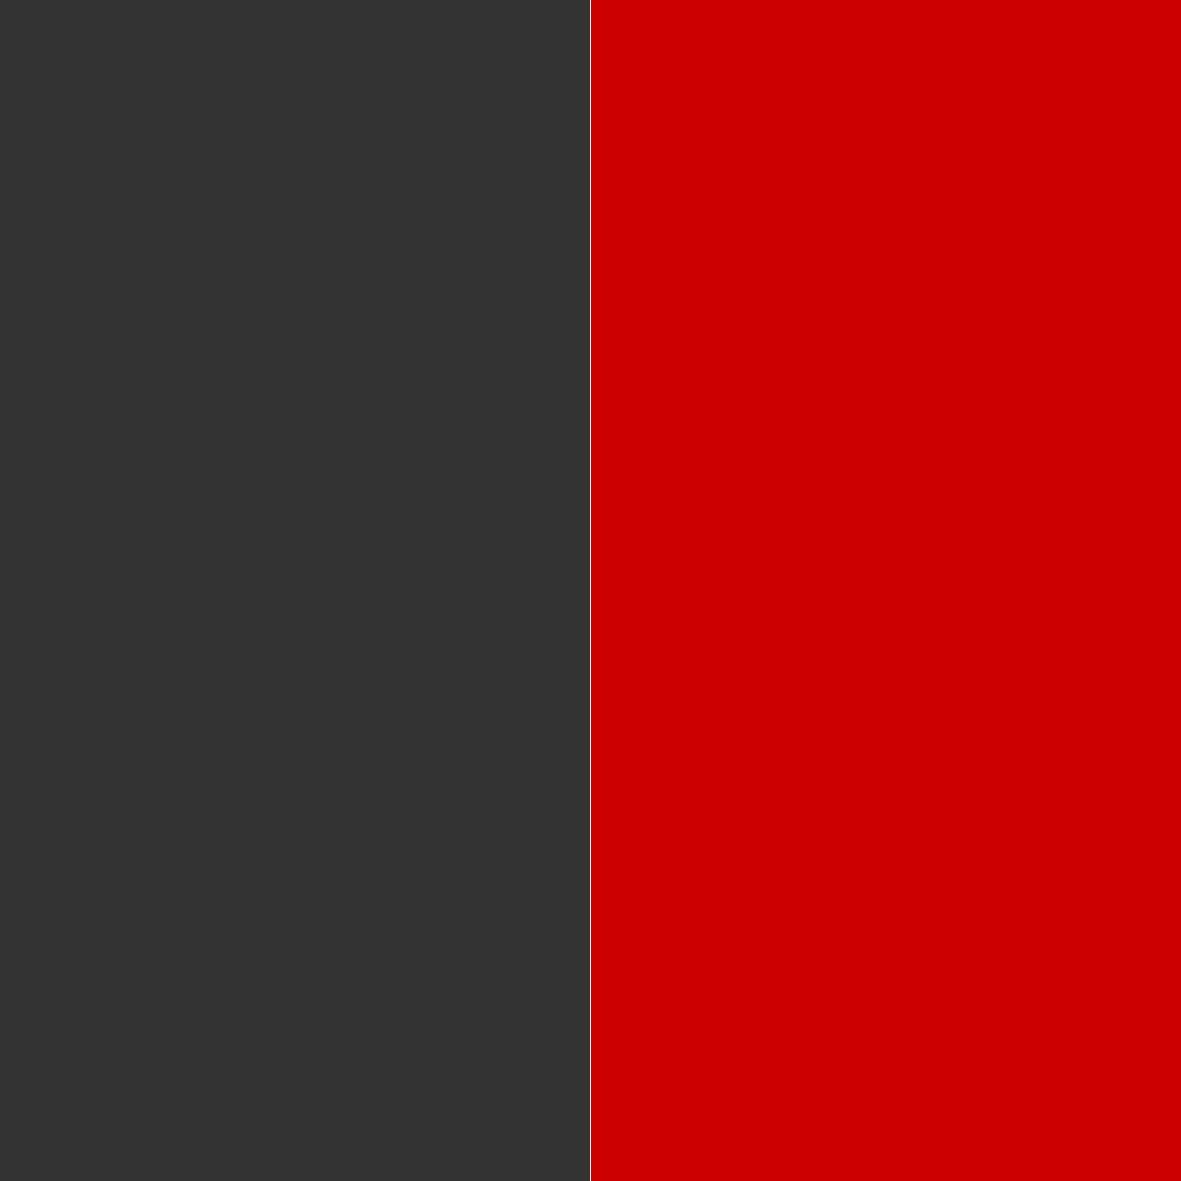 графит/красный_333333/CC0000